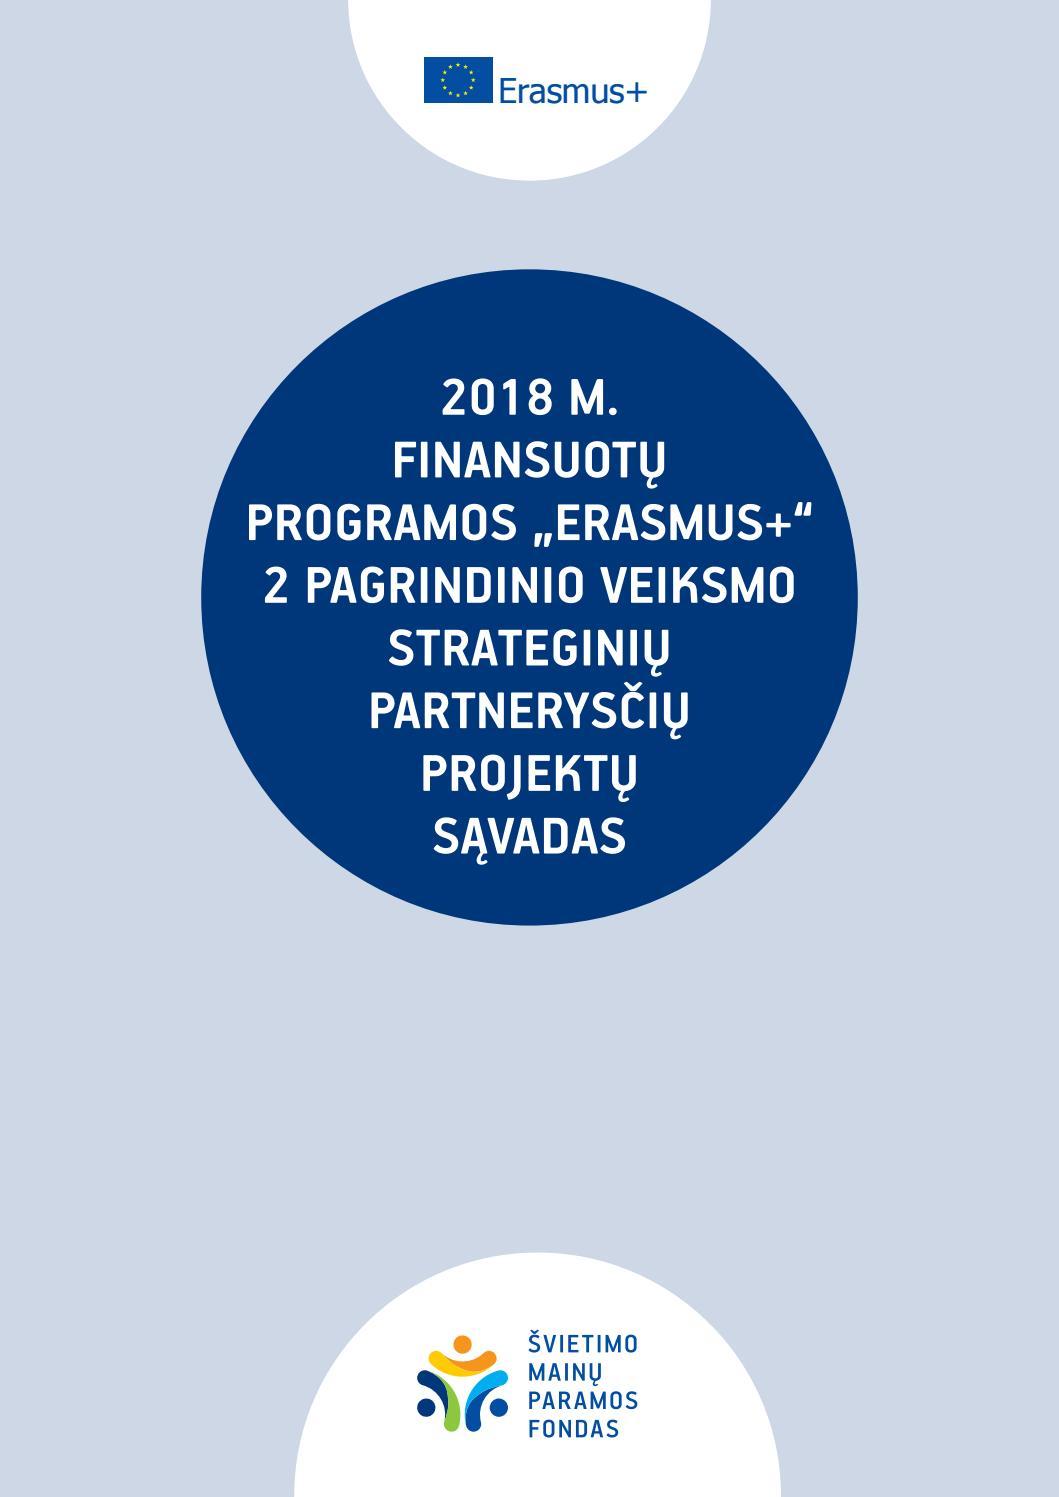 notinghamo universiteto pasaulinė strategija 2021 m